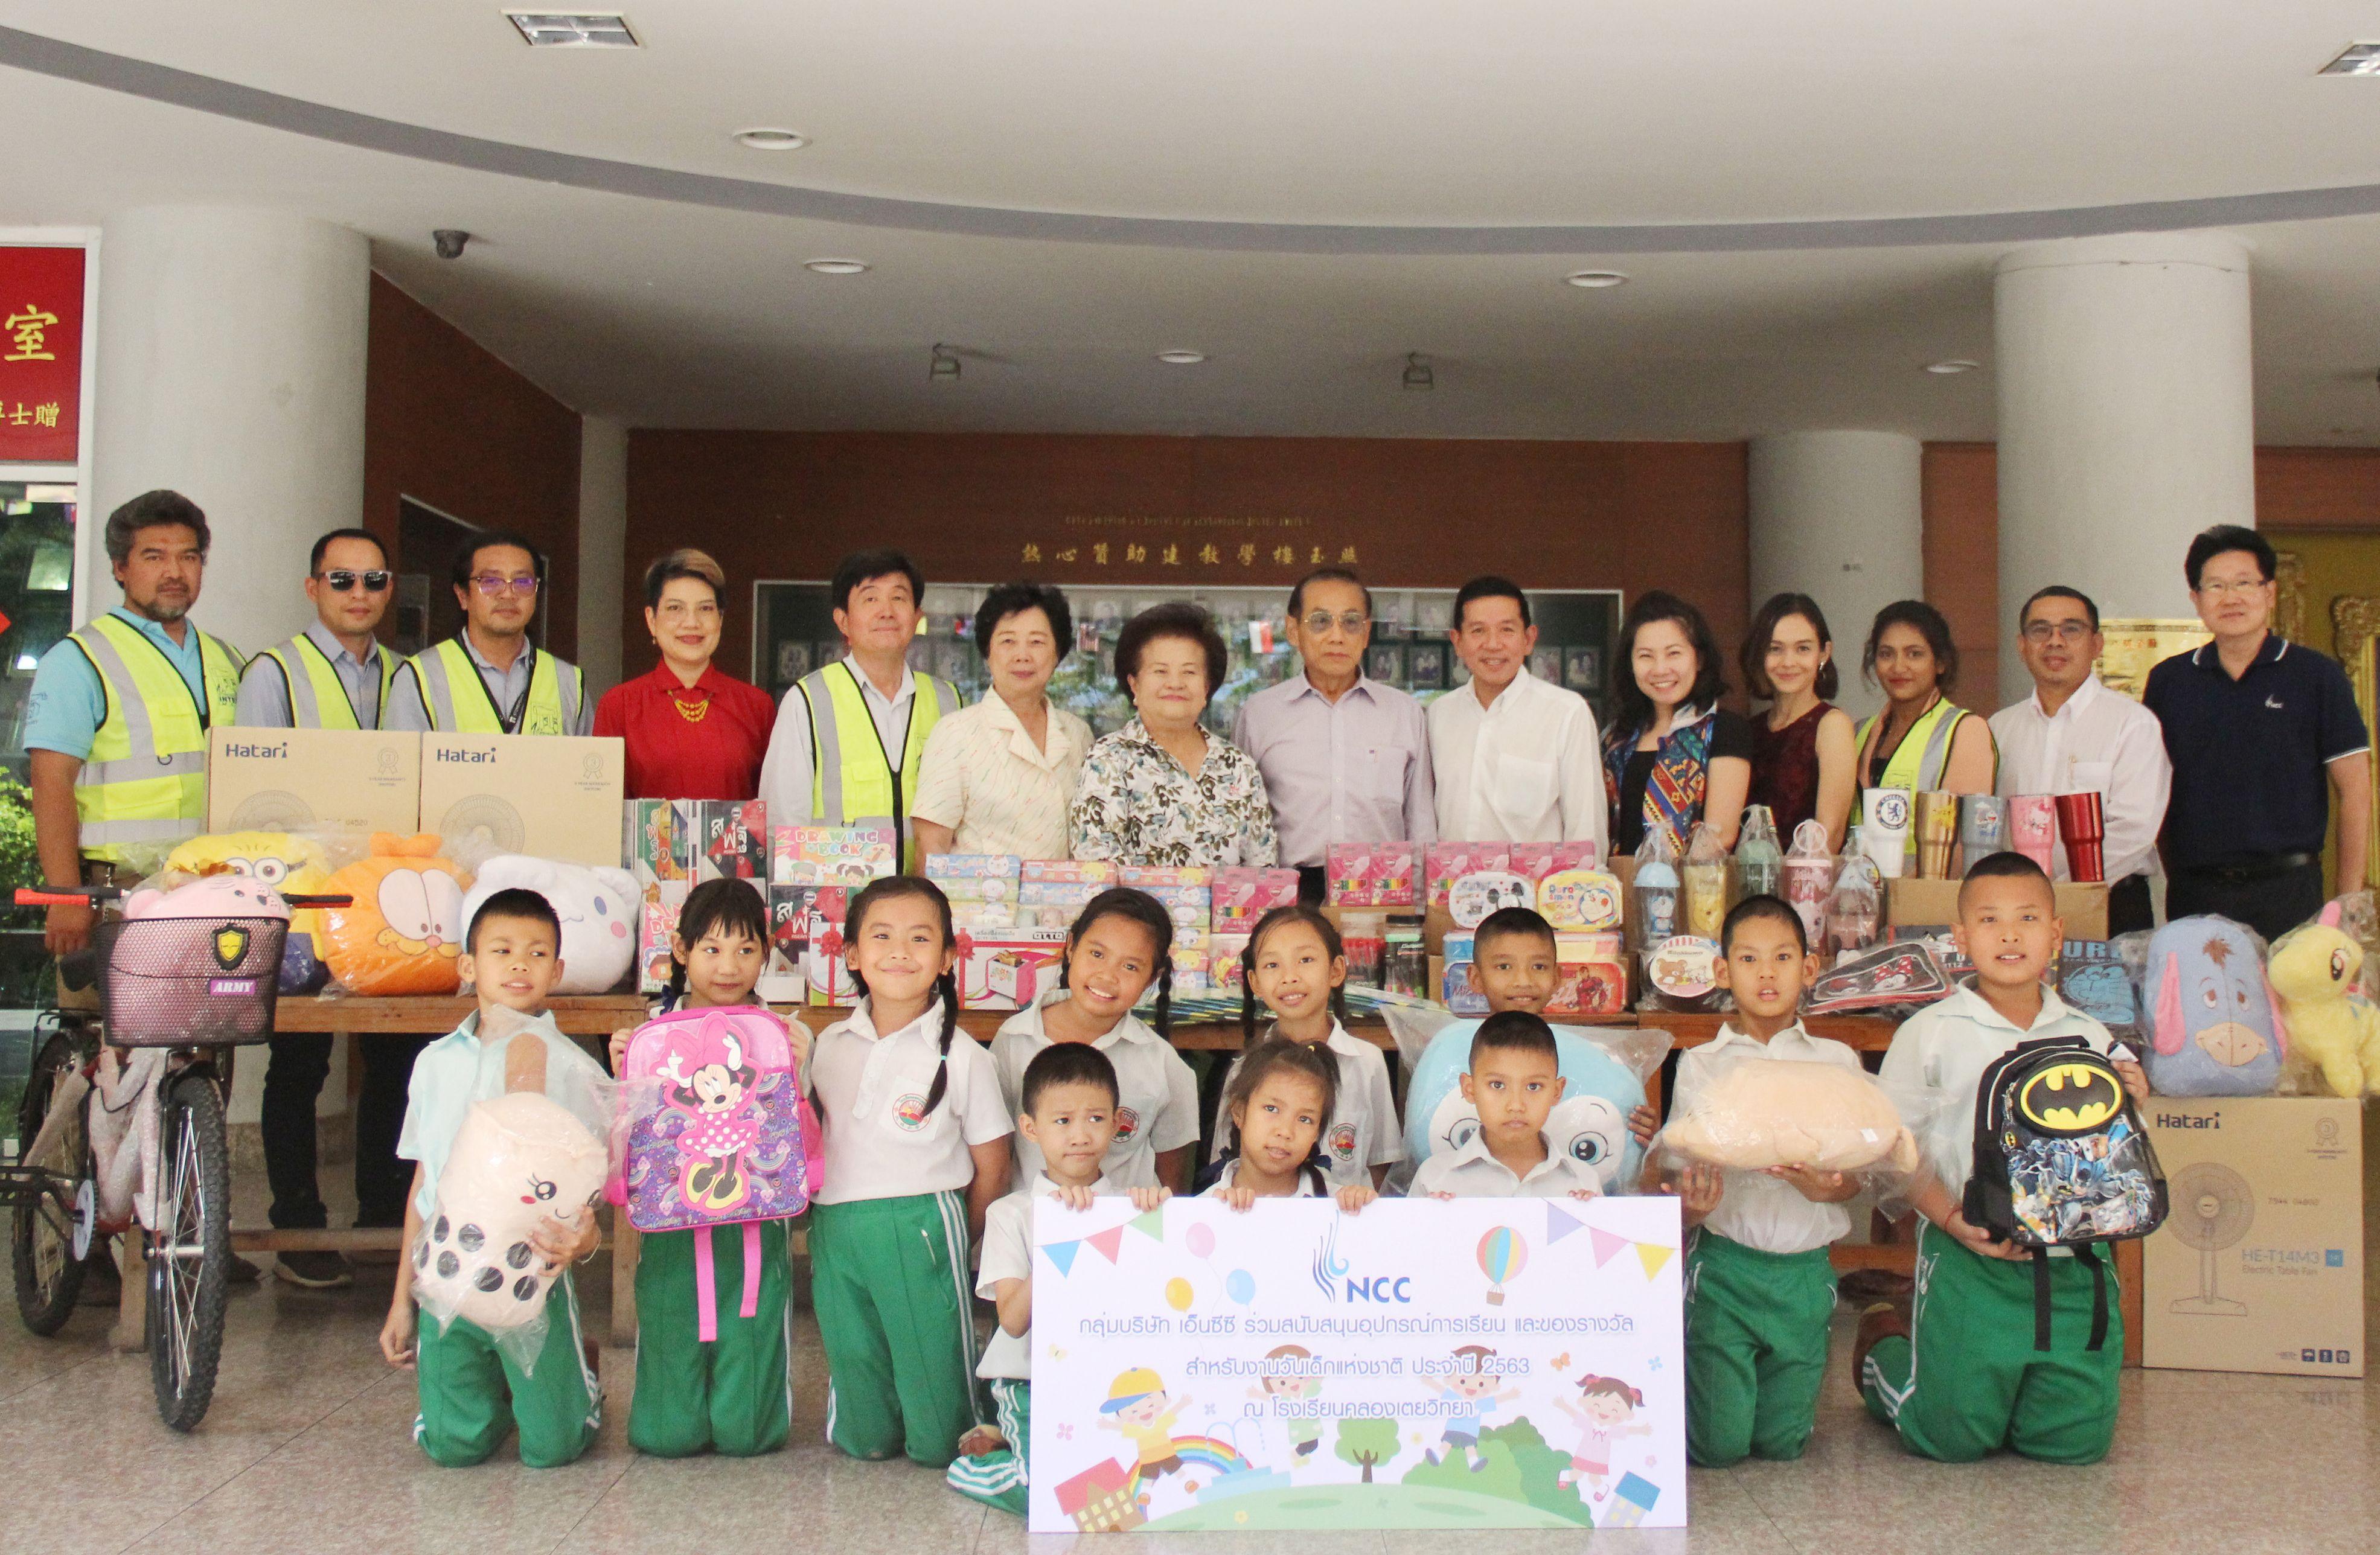 เอ็น.ซี.ซี.ฯ มอบของขวัญวันเด็กแก่นักเรียนโรงเรียนคลองเตยวิทยา